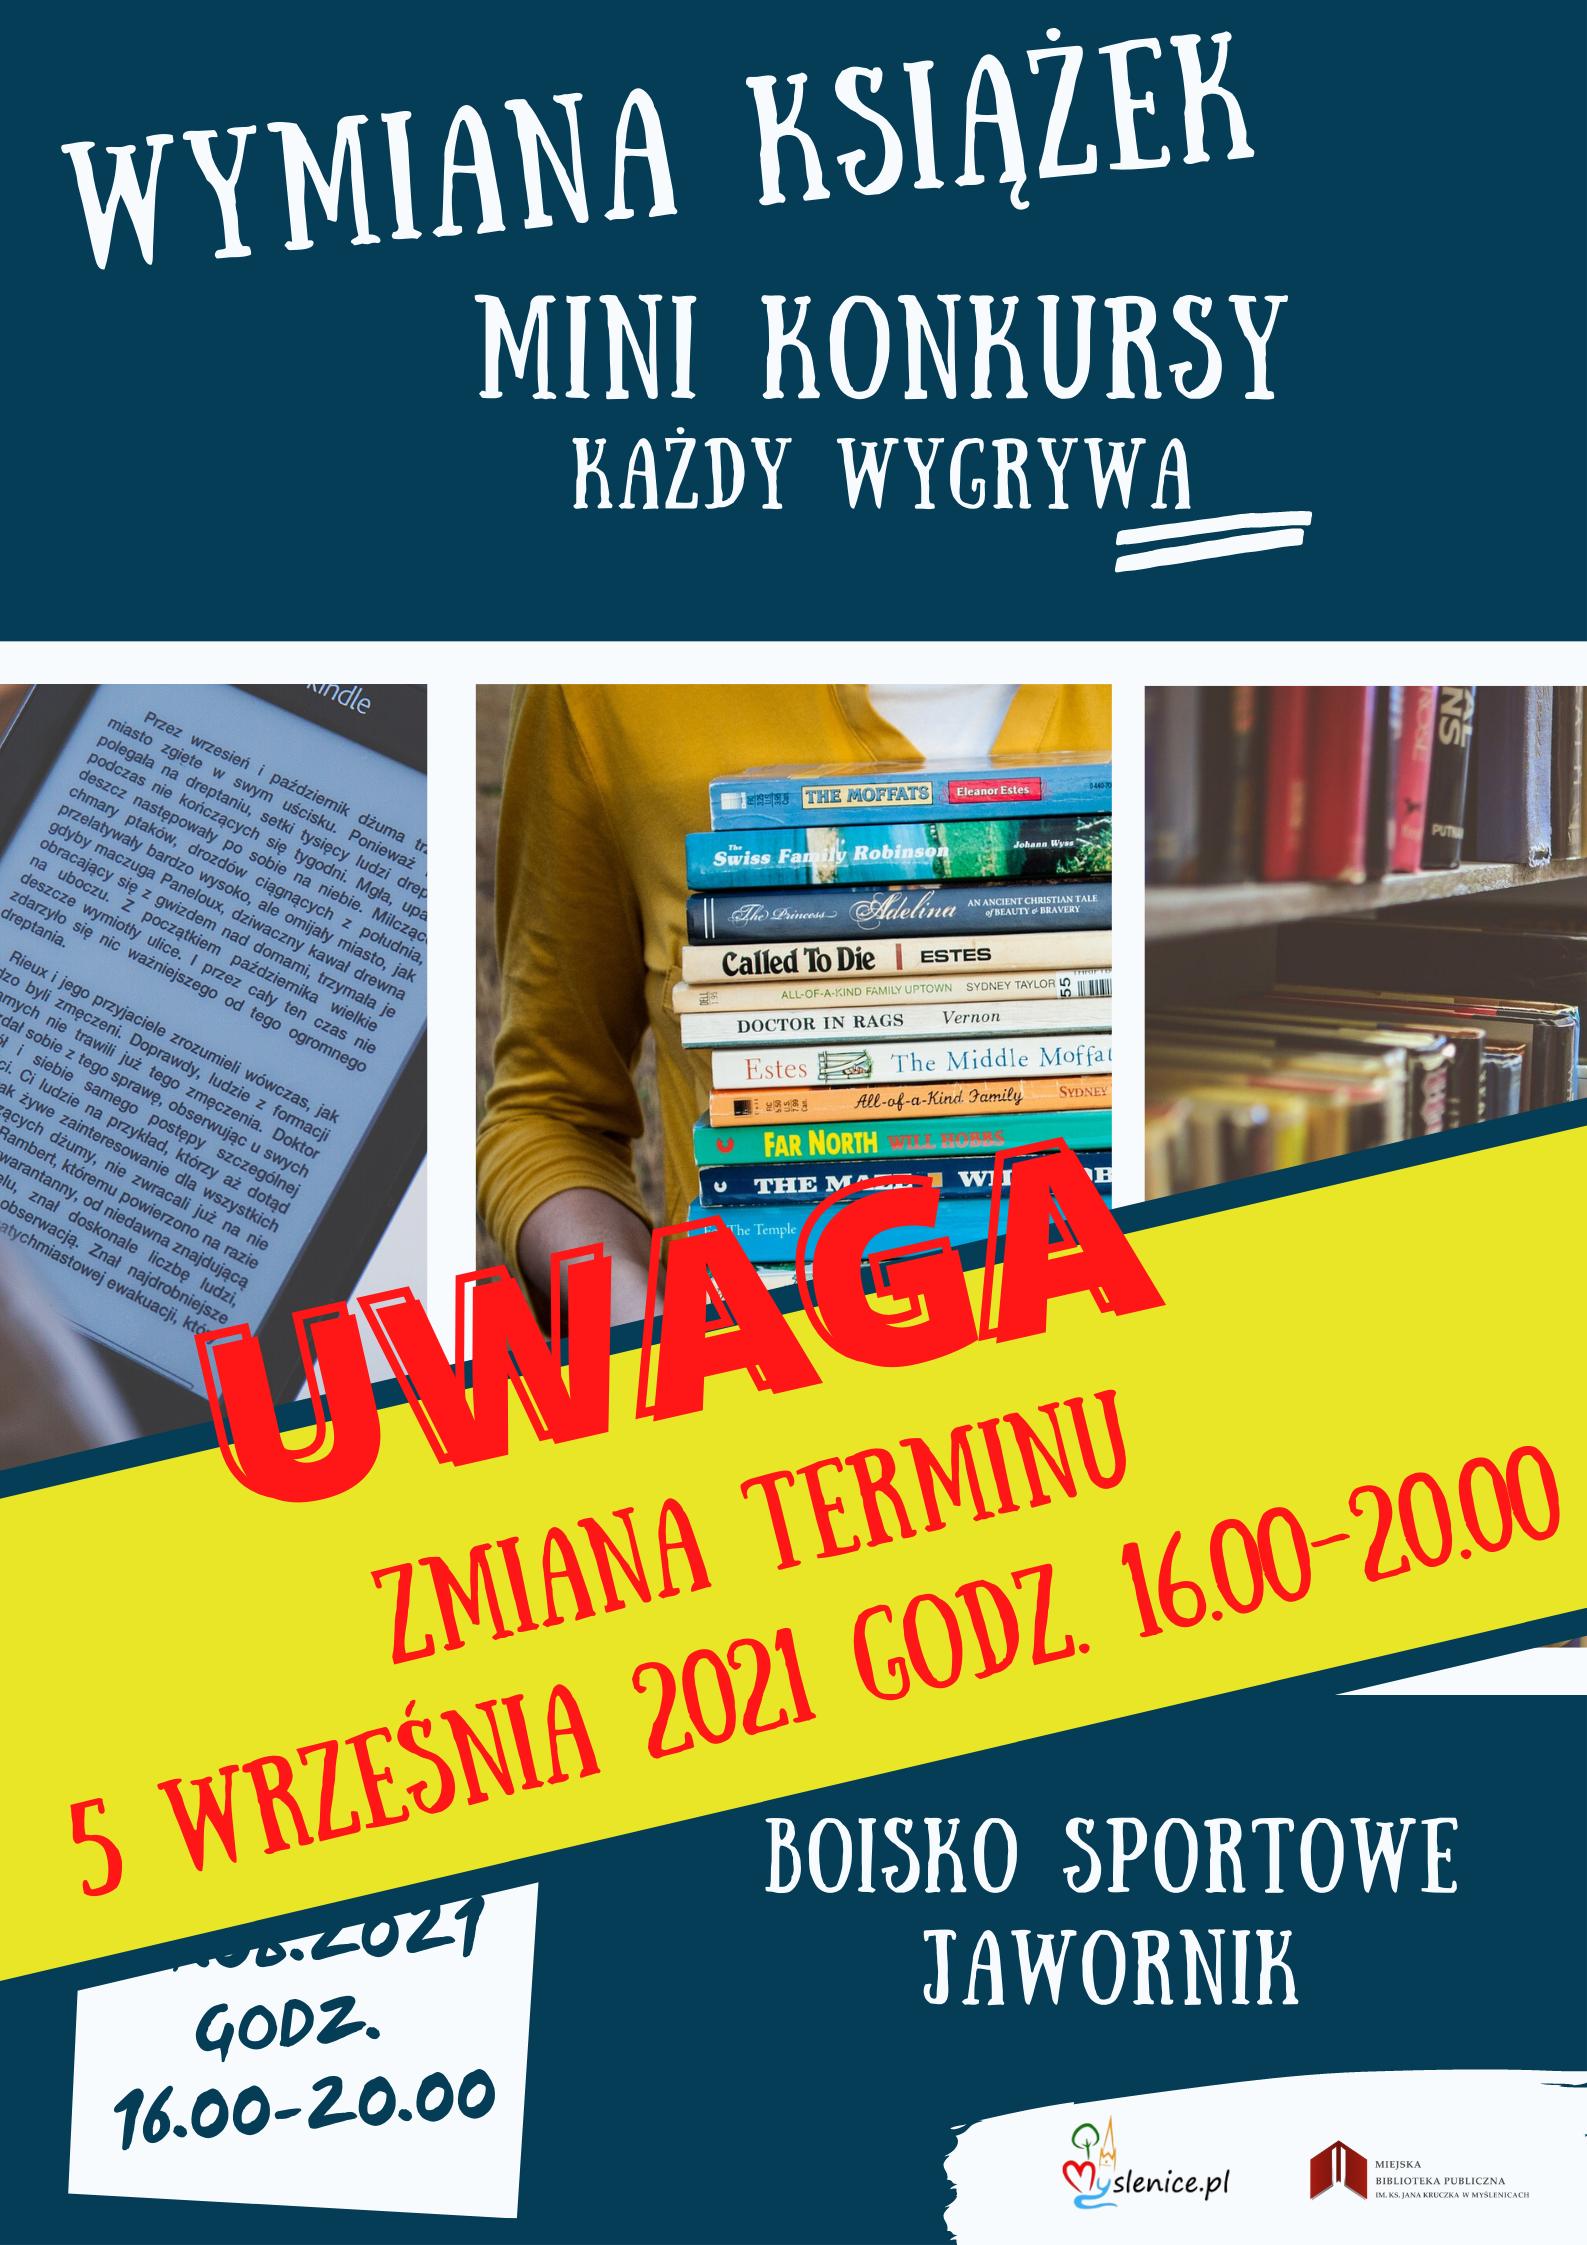 Wymiana książek – Jawornik zmiana terminu 5.09.2021